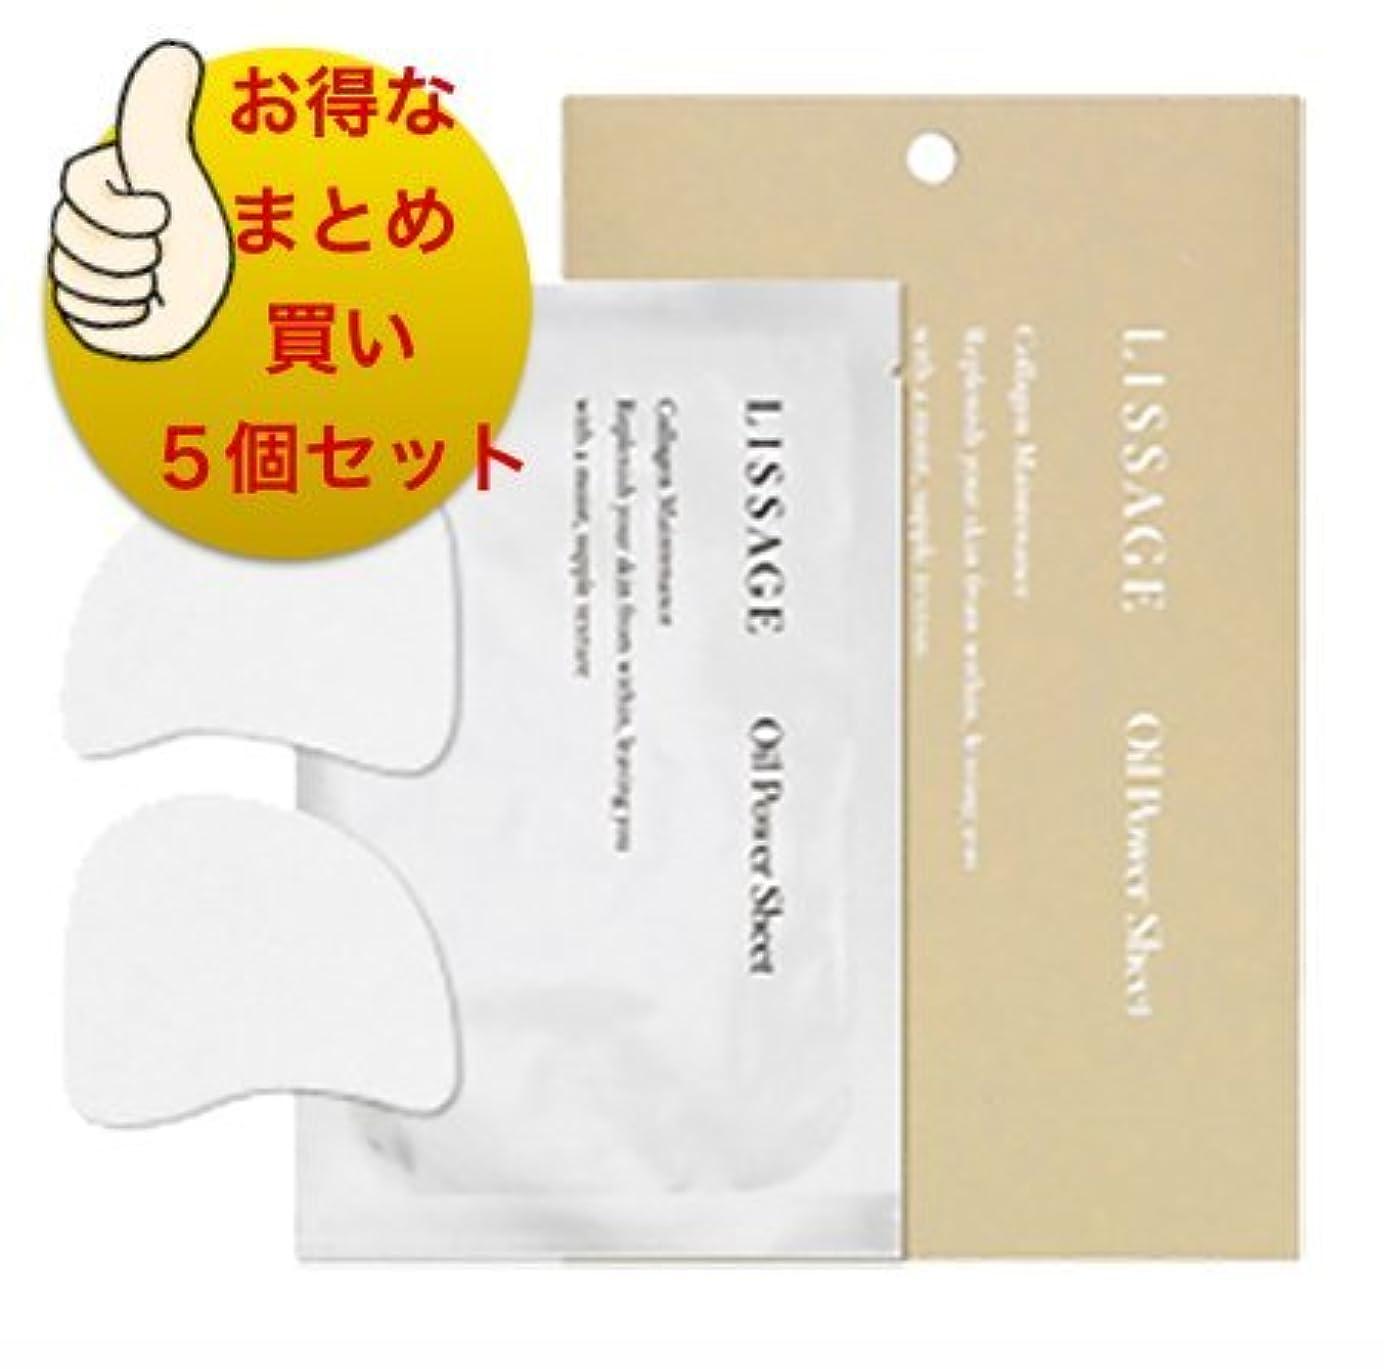 目的近々驚くばかり【リサージ】LISSAGE (リサージ) オイルパワーシート (3セット (6枚)) .の5個まとめ買いセット